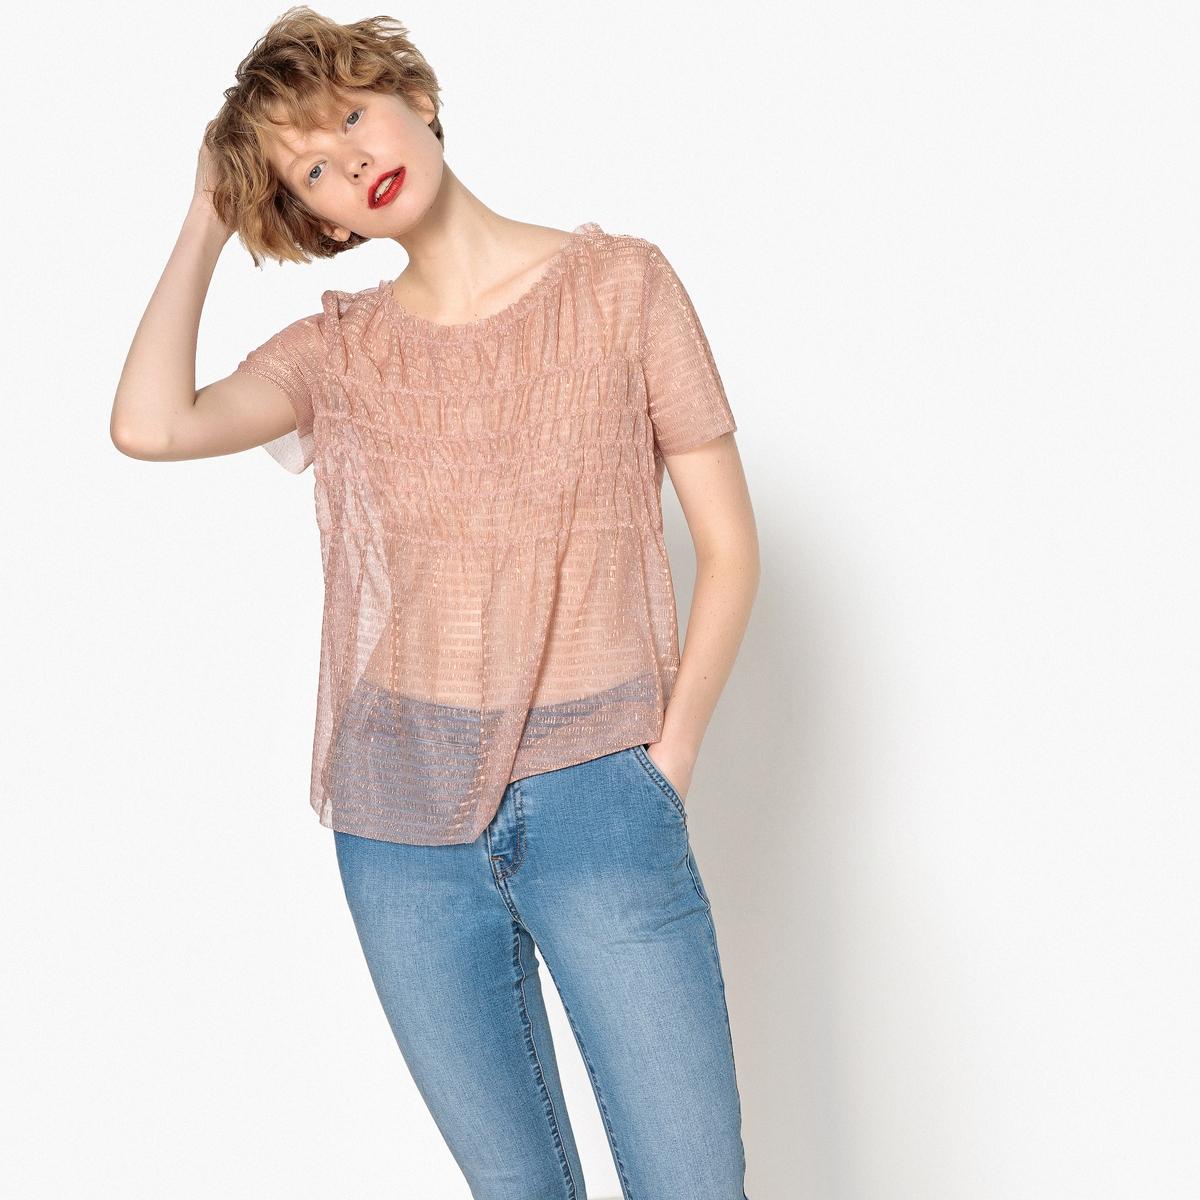 Blusa em voile efeito brilhante, mangas curtas